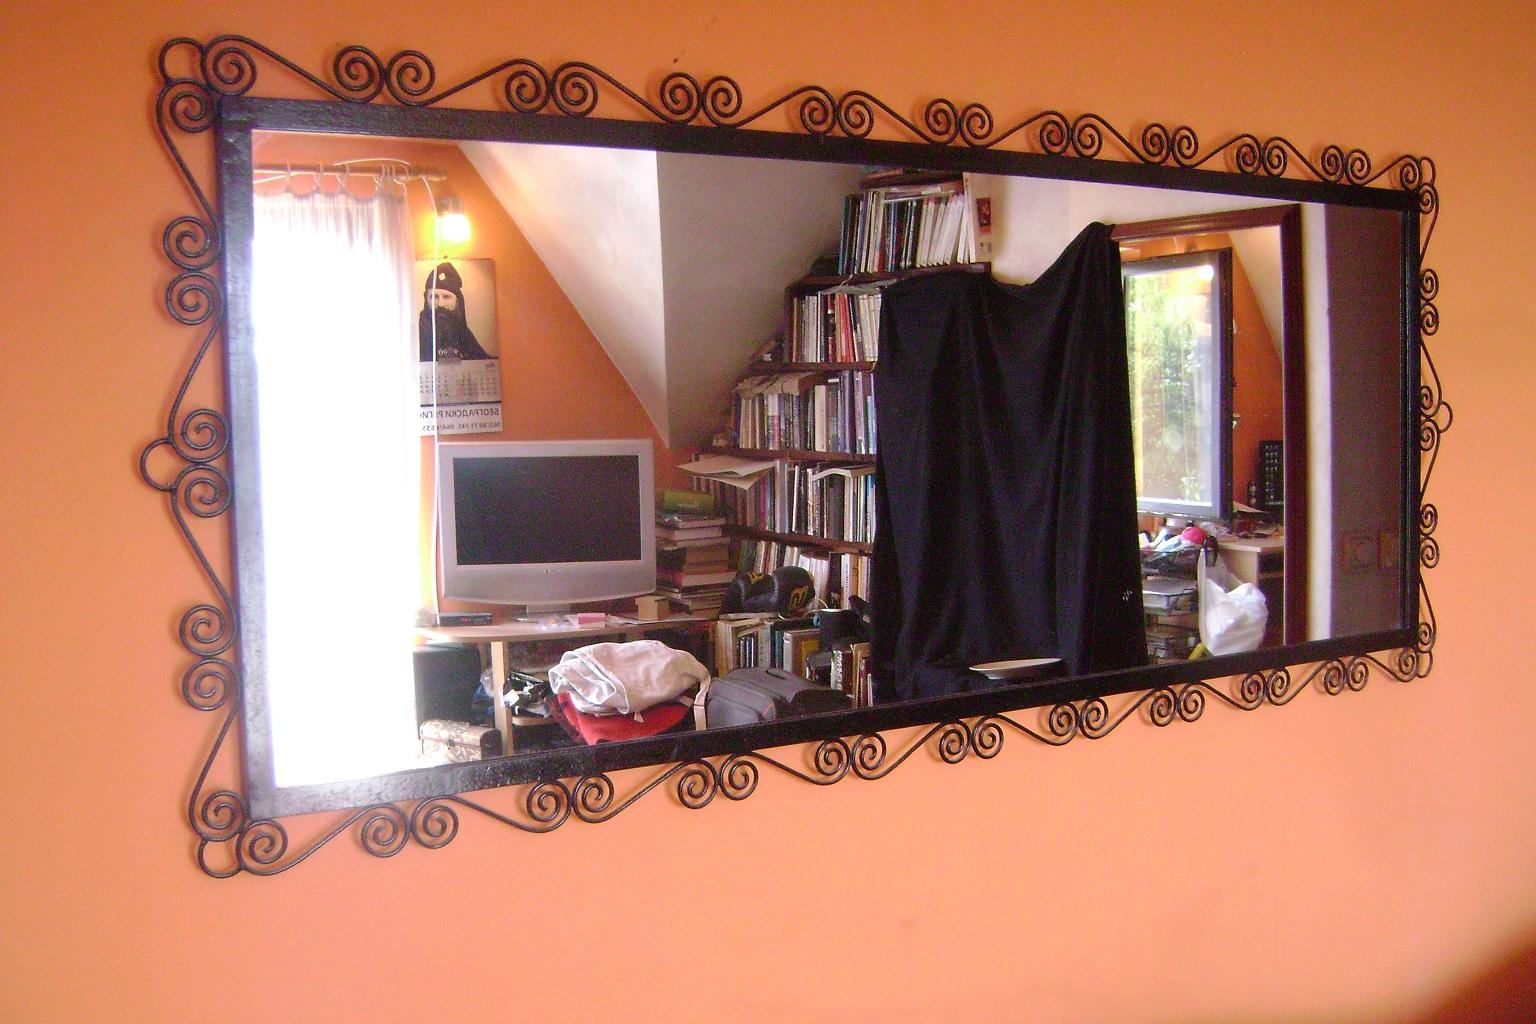 Ogledalo_17_2.JPG